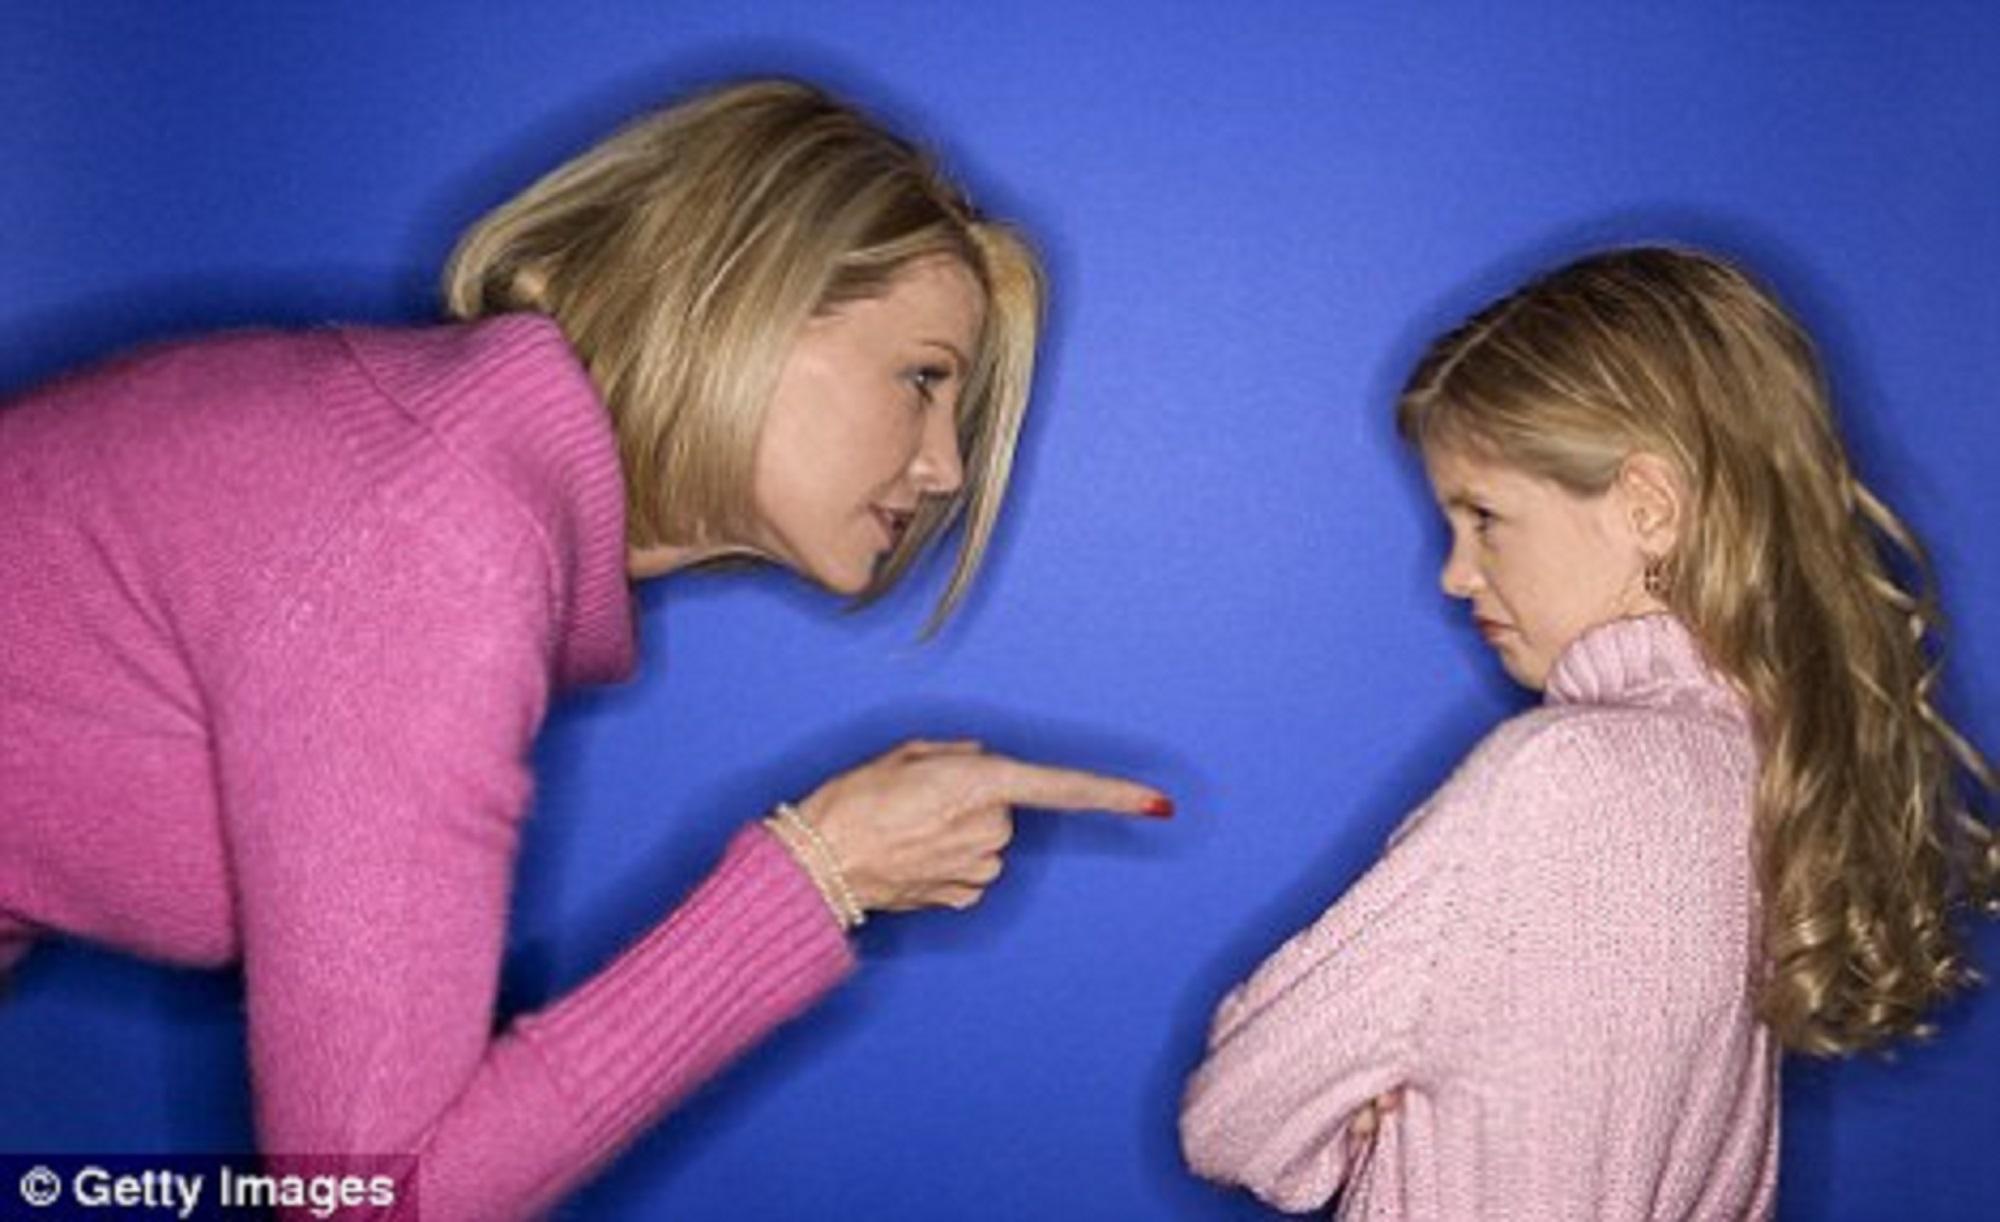 آیا باید با کودکمان مذاکره کنیم تا در مورد انجام کاری توسط او به توافق برسیم؟